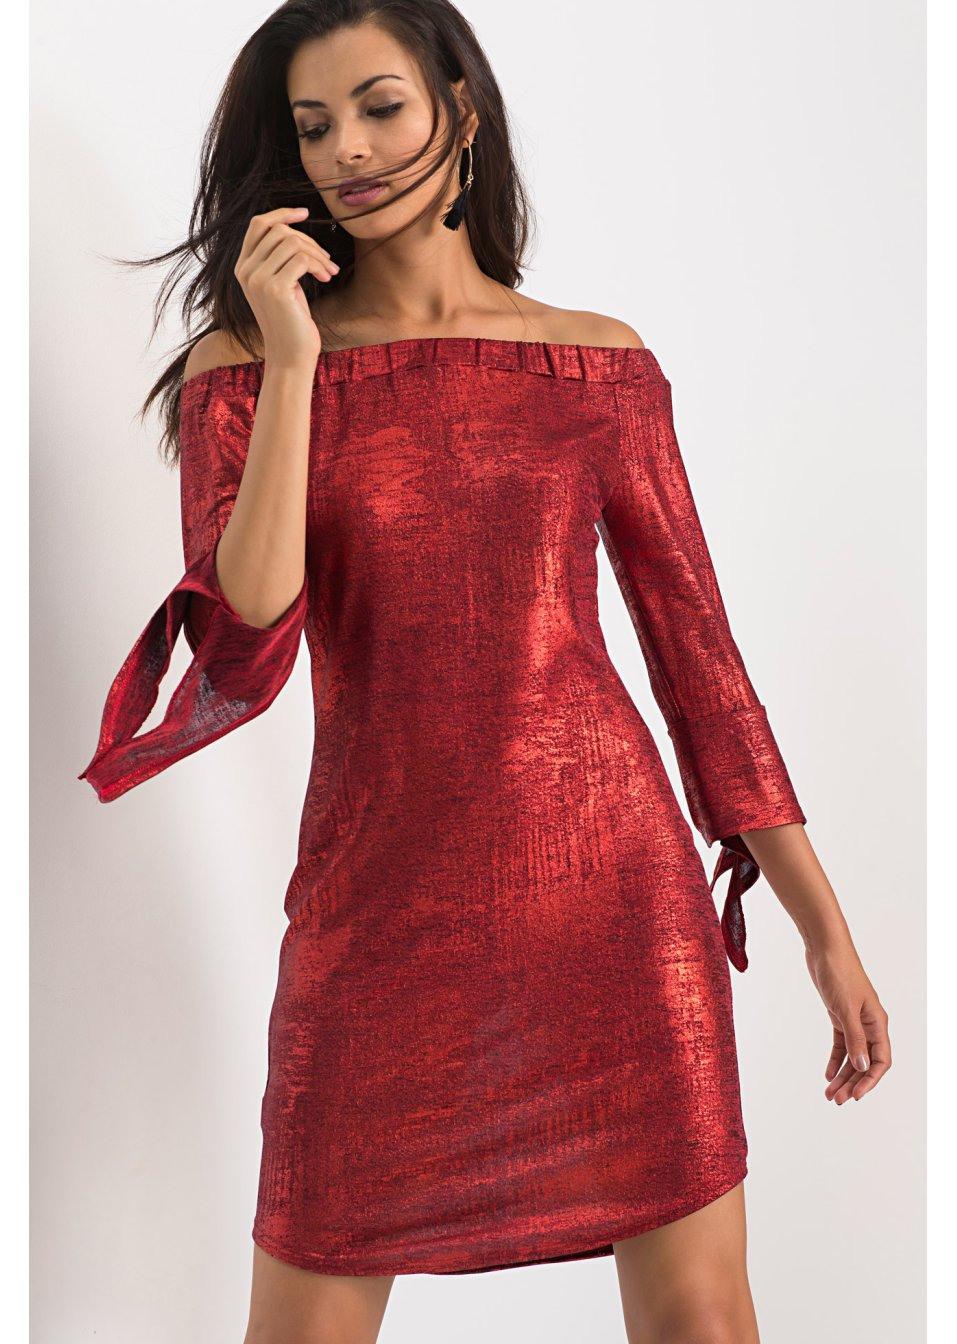 Metallic Kleid Aus Jersey Silber - Bodyflirt Online